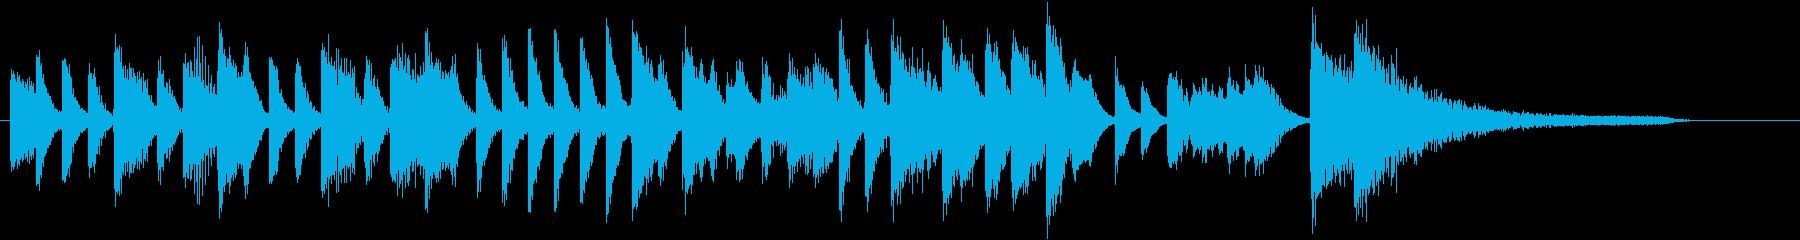 ジングルベルモチーフのピアノジングルEの再生済みの波形